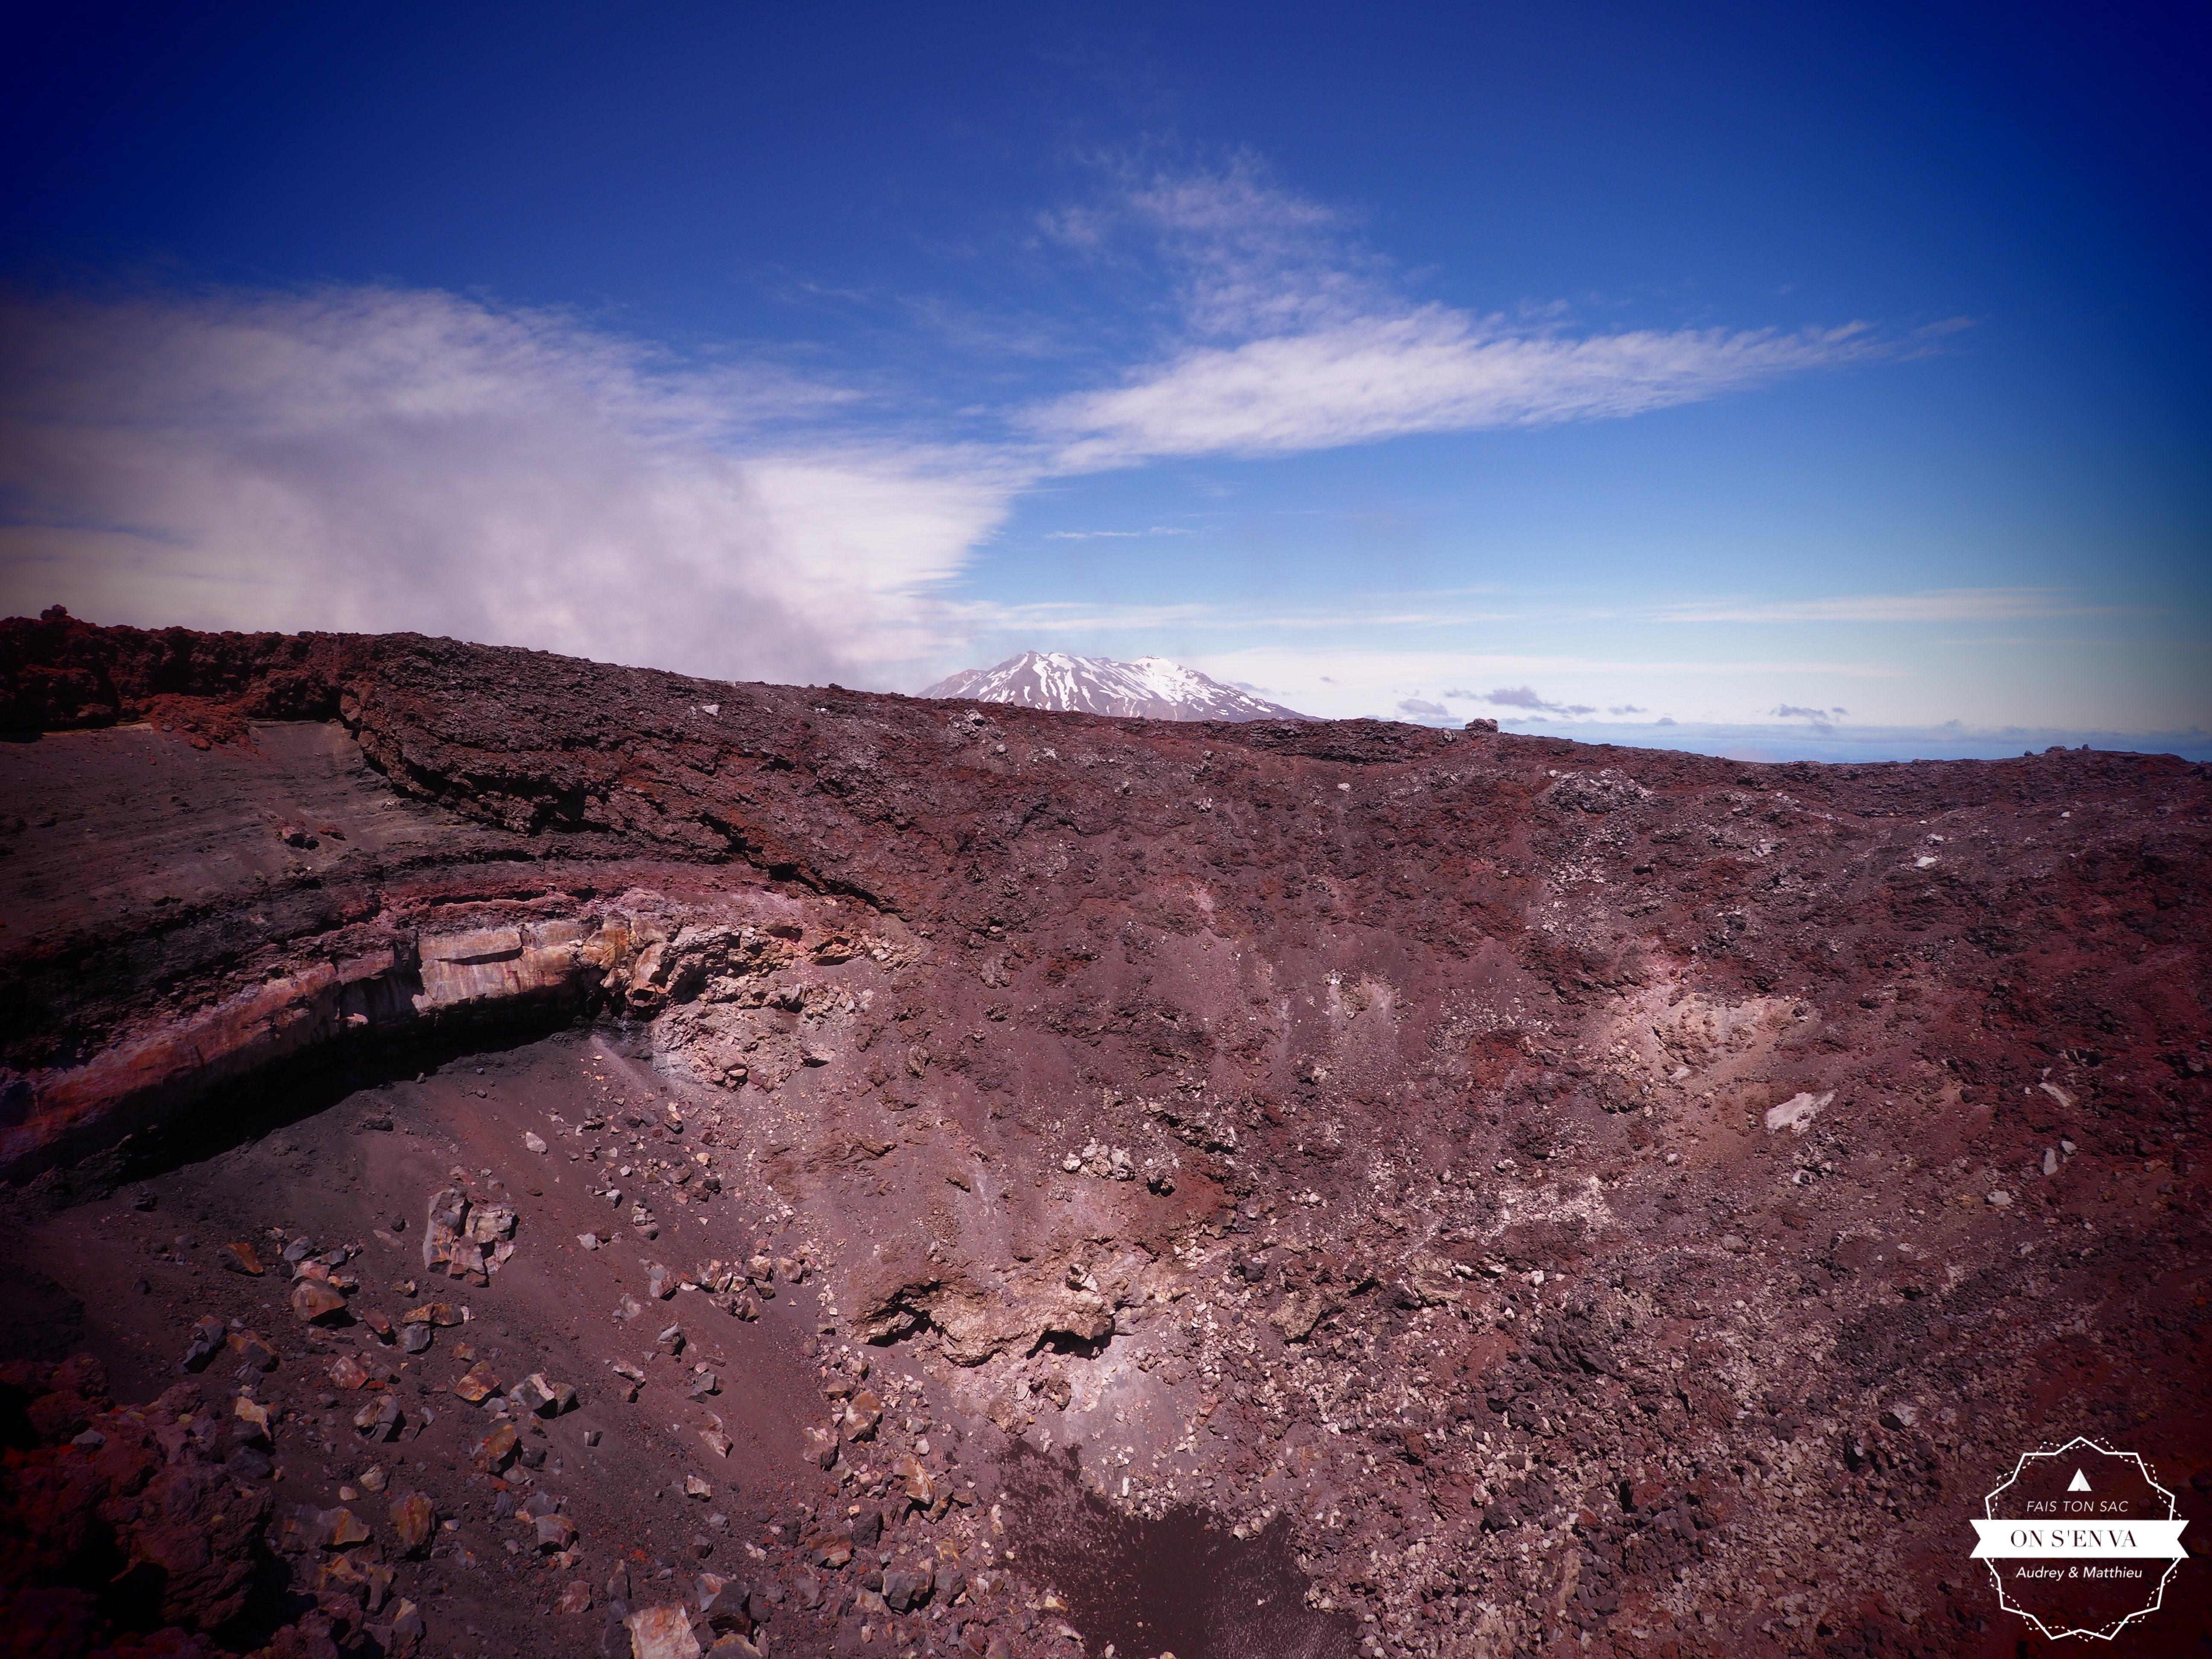 Arrivée au bord du cratère